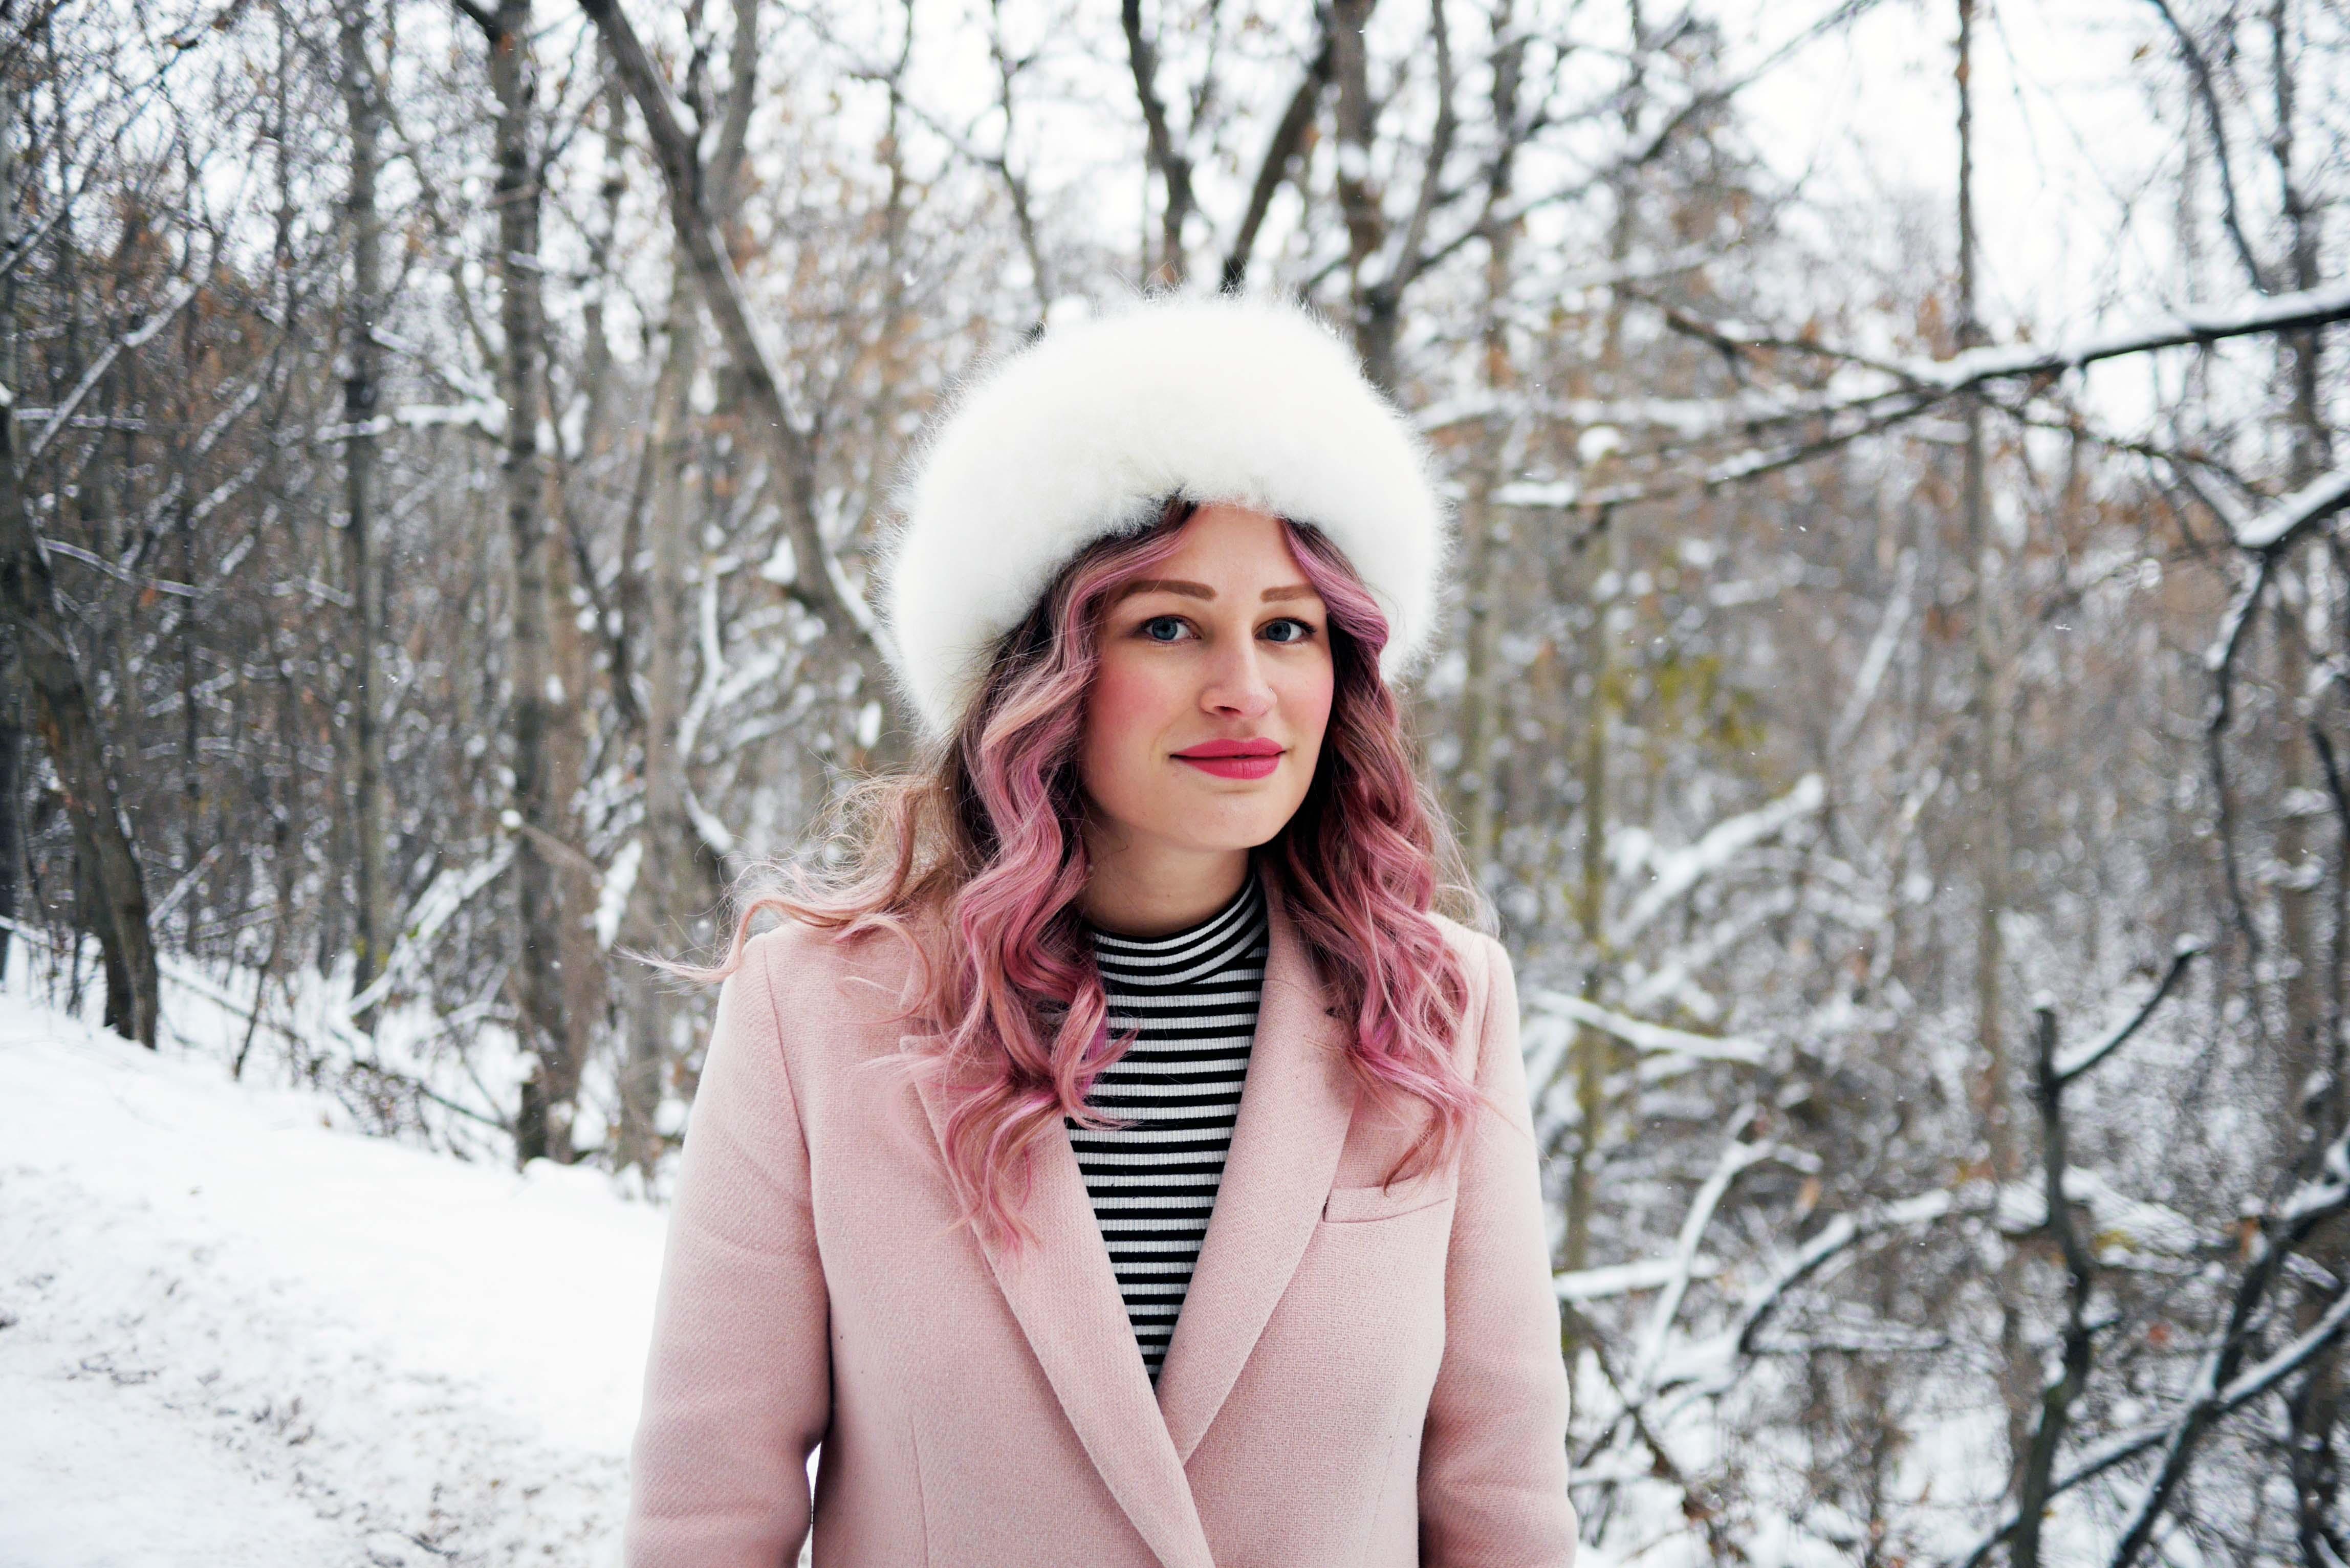 winter-wonderland-style-1